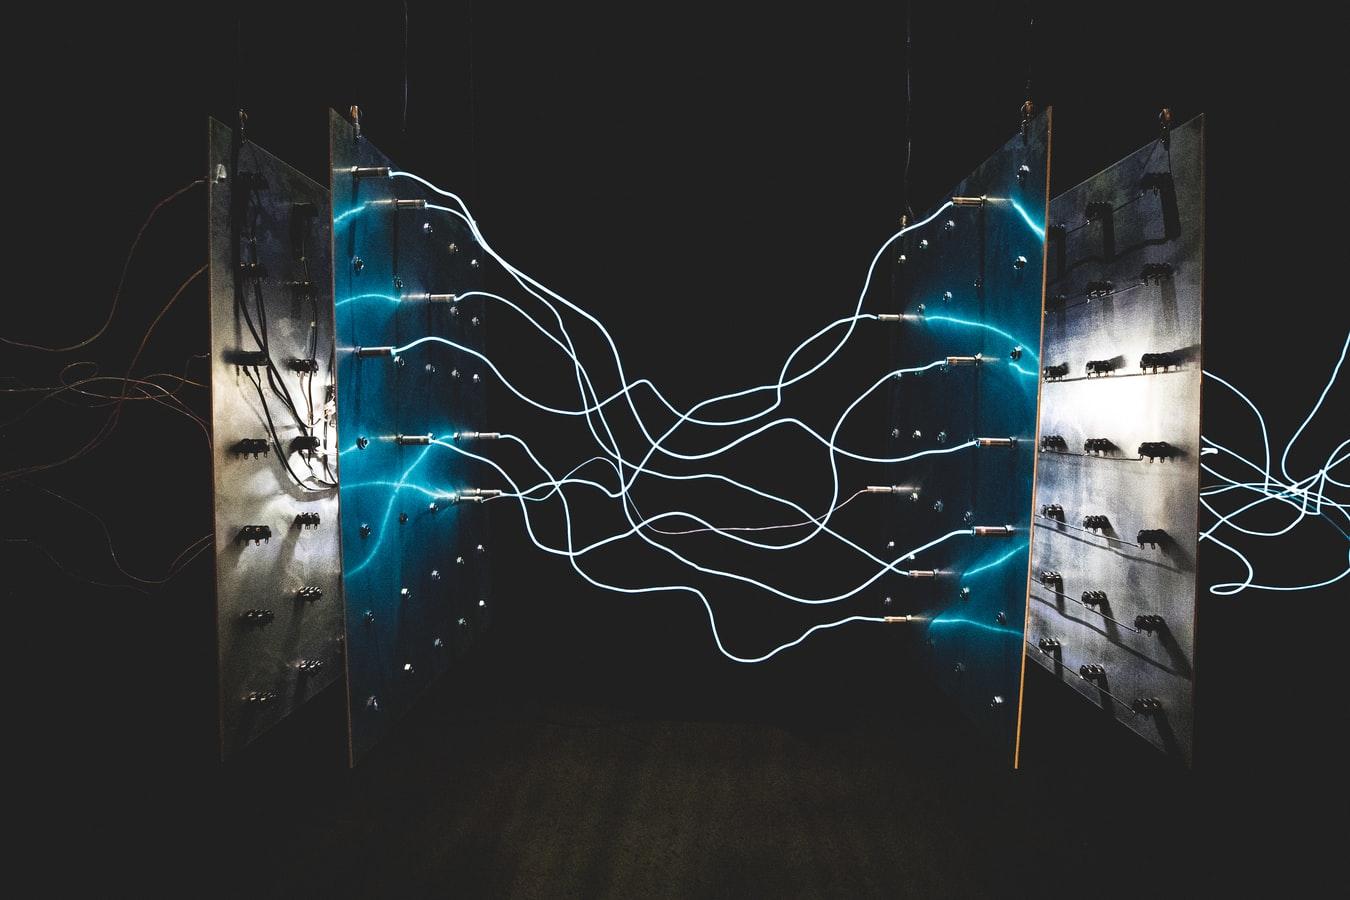 D-Link rozbudowuje portfolio urządzeń Nuclias Cloud o szybkie zewnętrzne punkty dostępowe